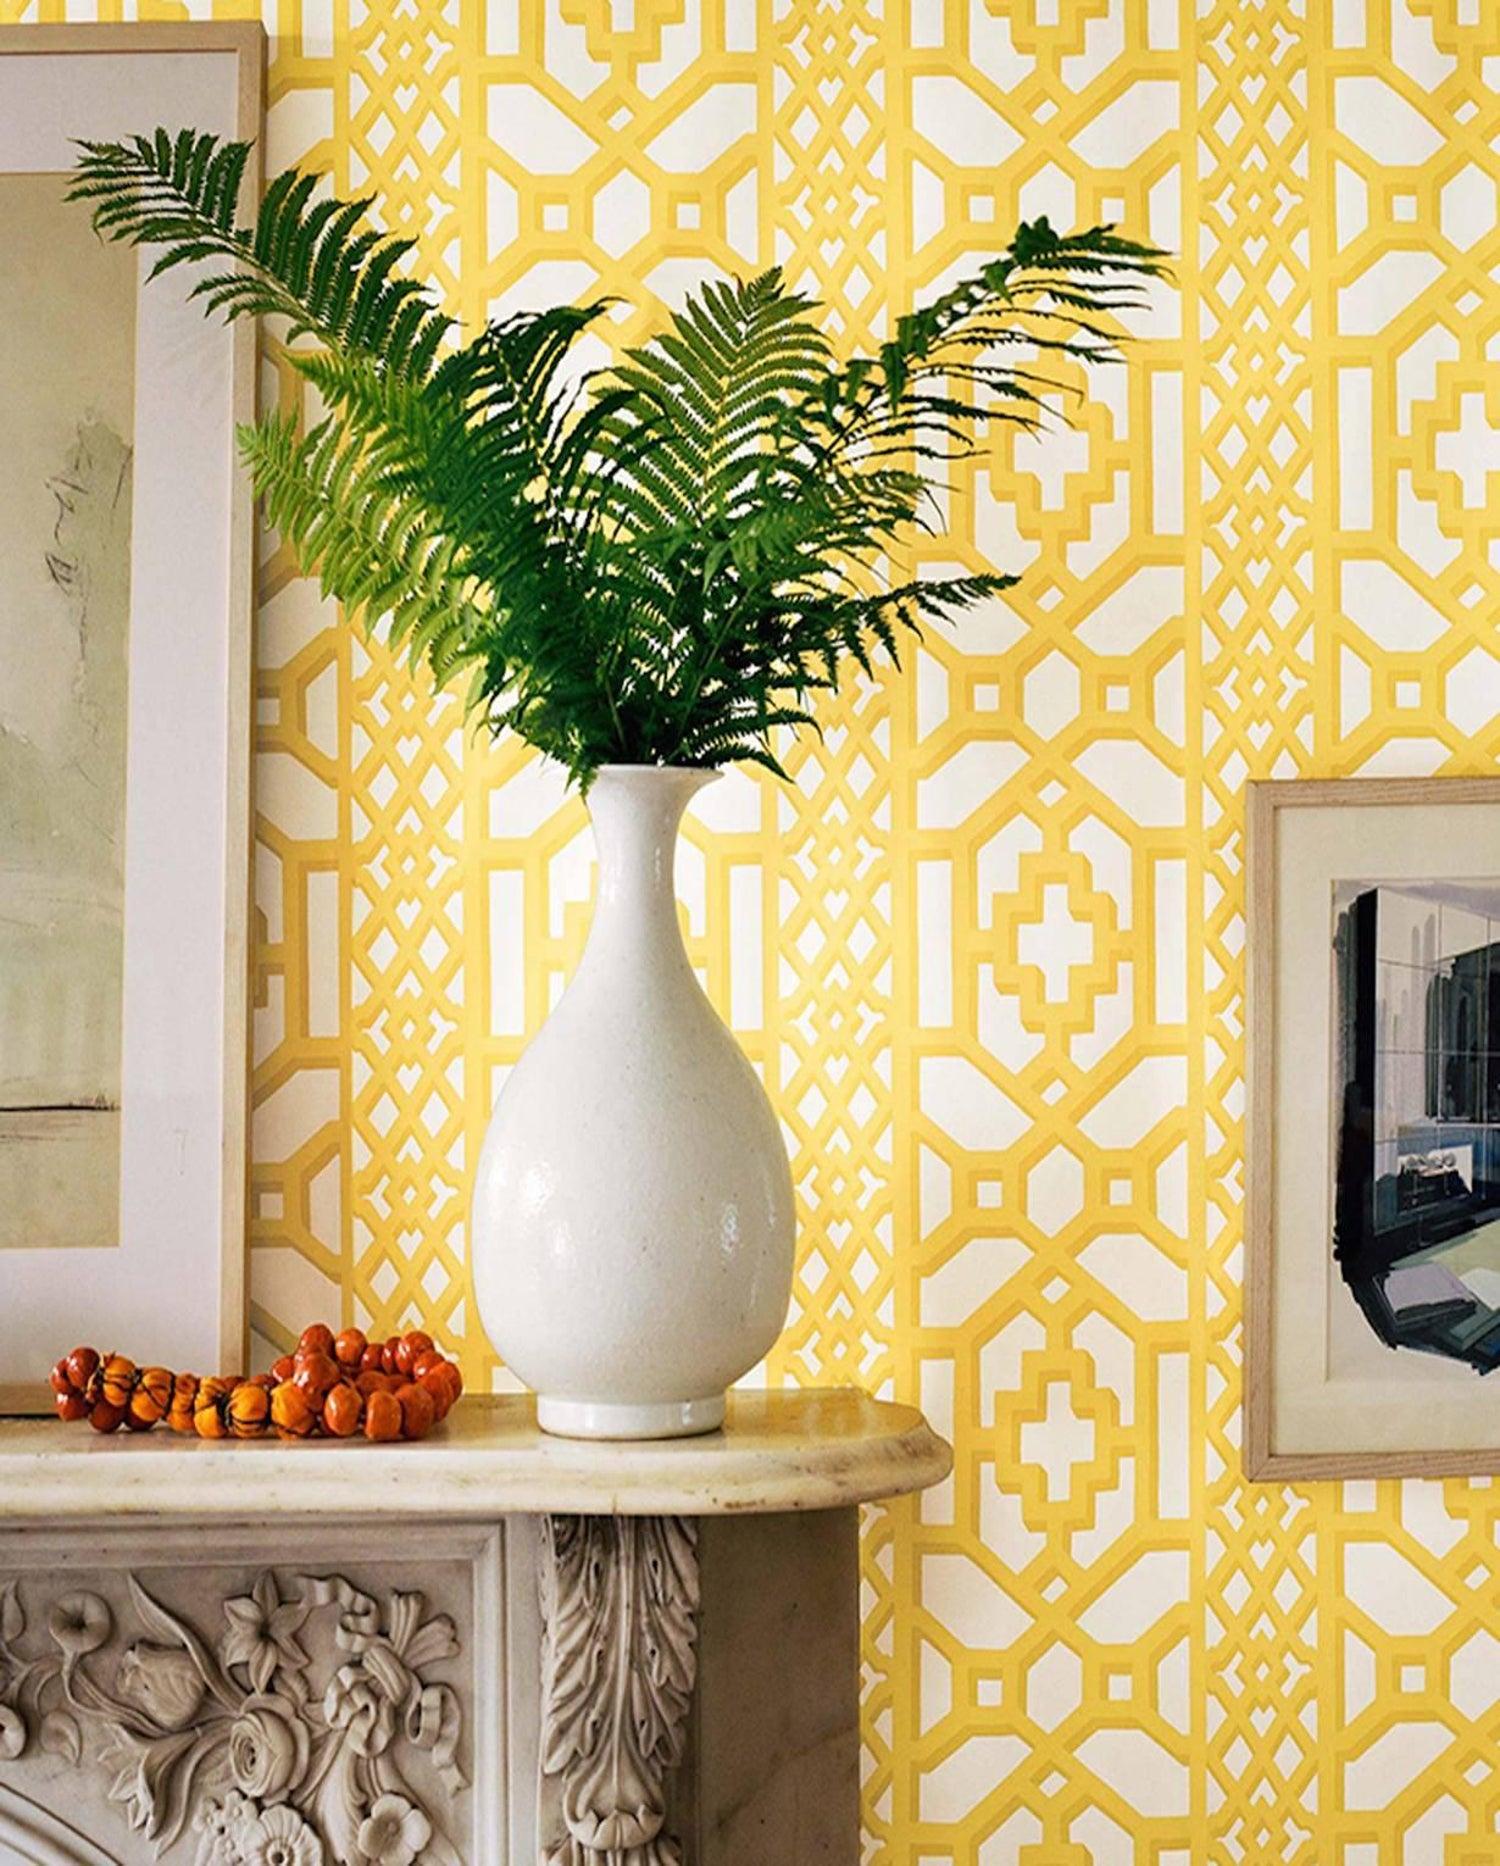 Schumacher Zanzibar Trellis Canary Yellow Wallpaper, Two Roll Set ...